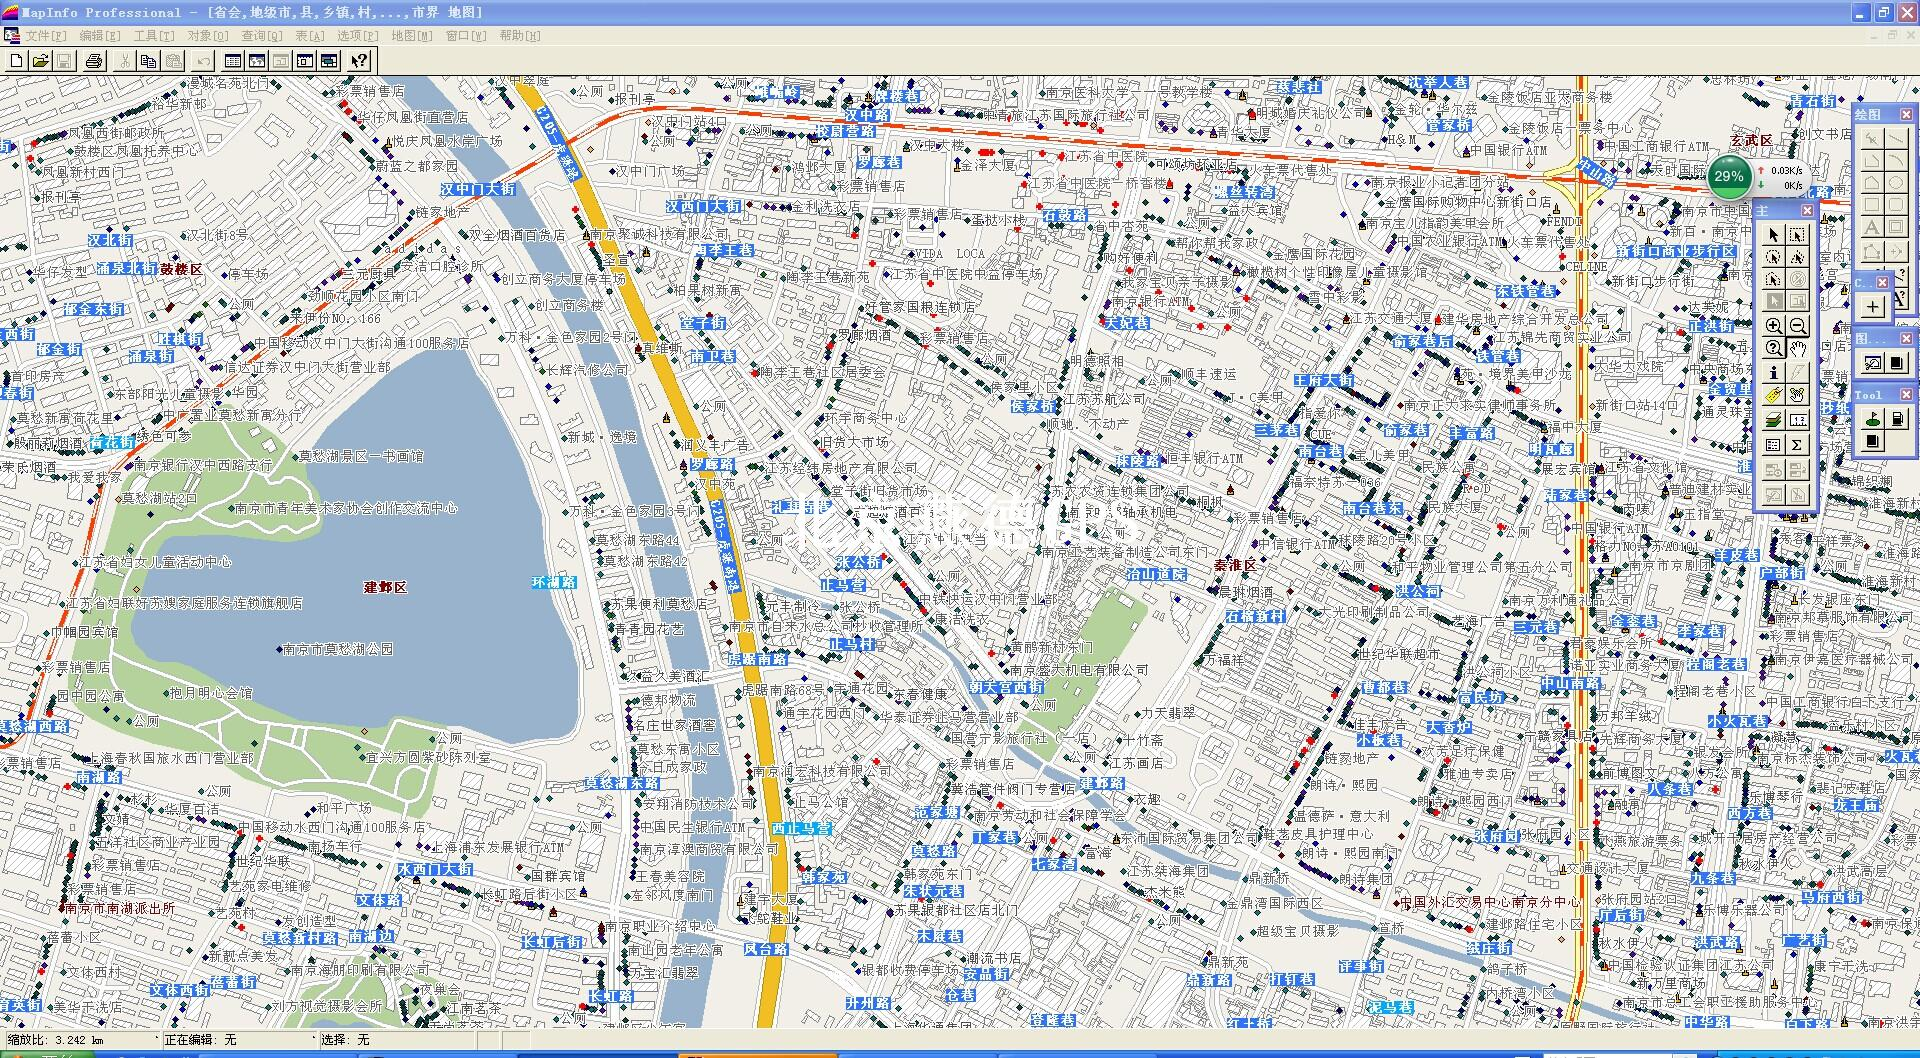 南京市2000比例尺电子地图